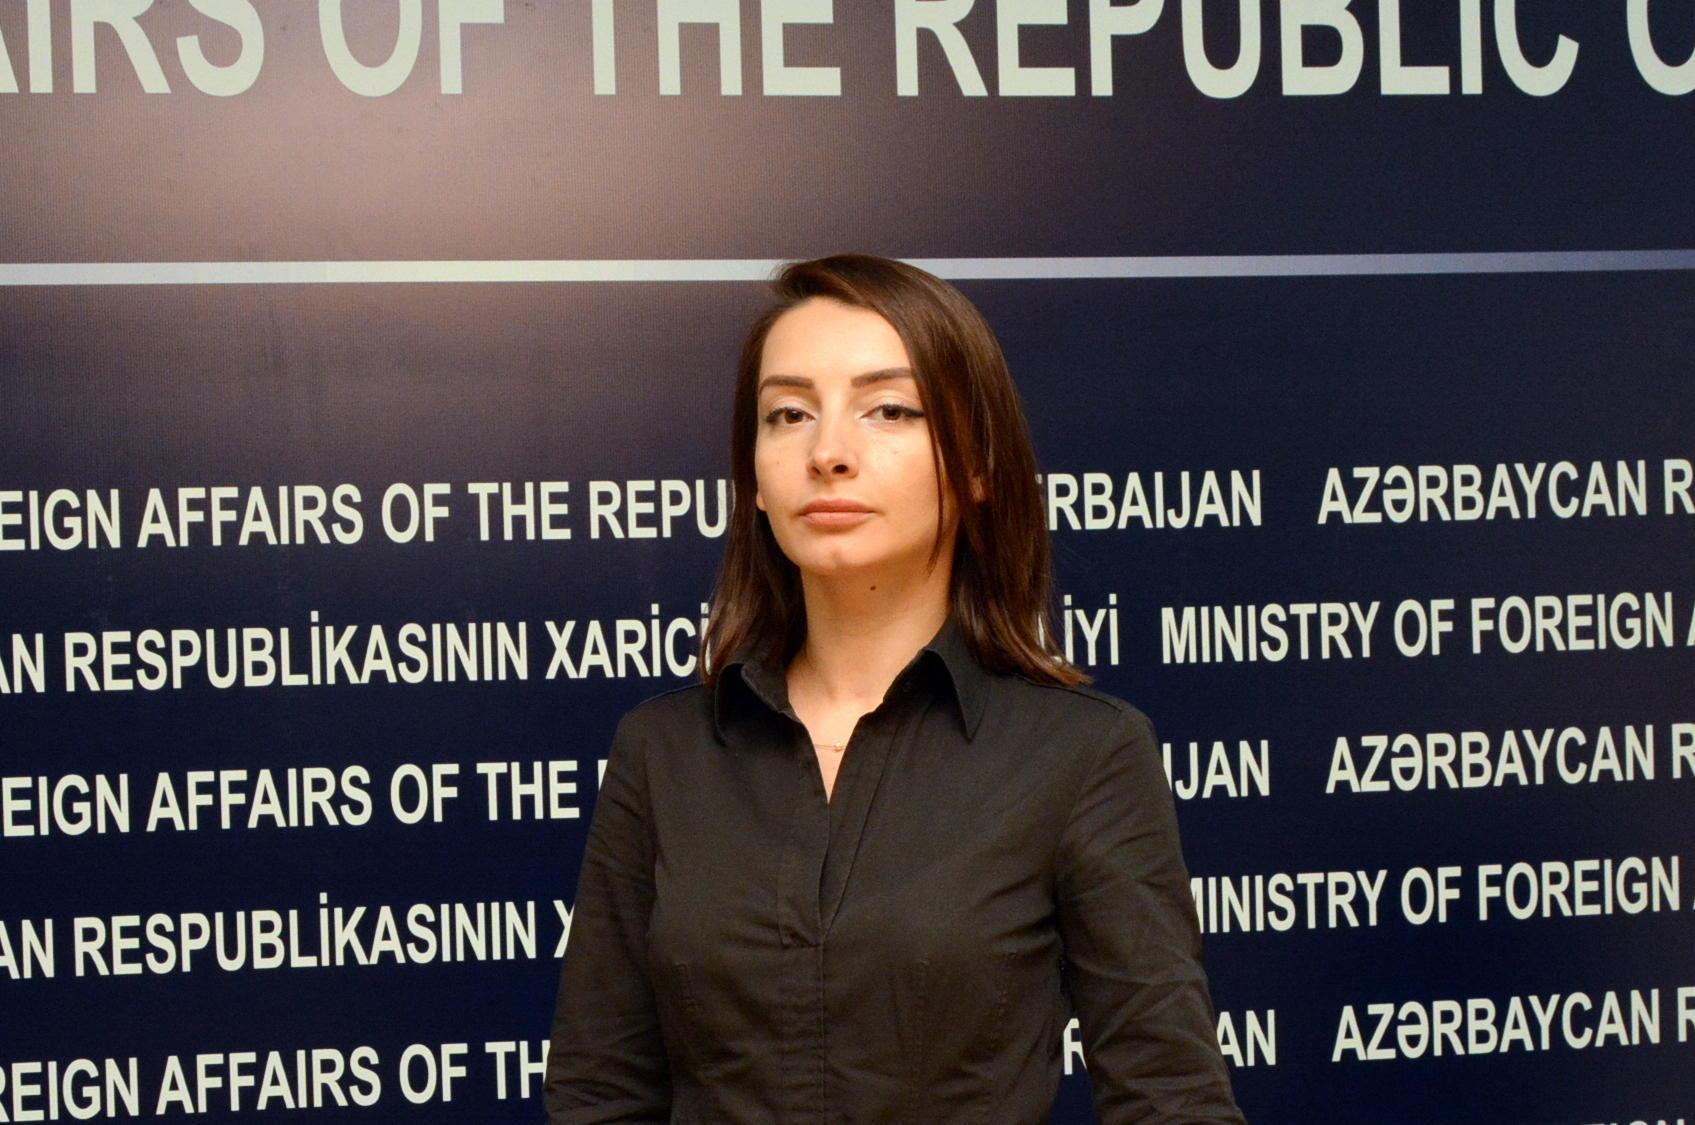 Азербайджан направил письмо протеста на имя Генсека ООН в связи с провокацией Армении